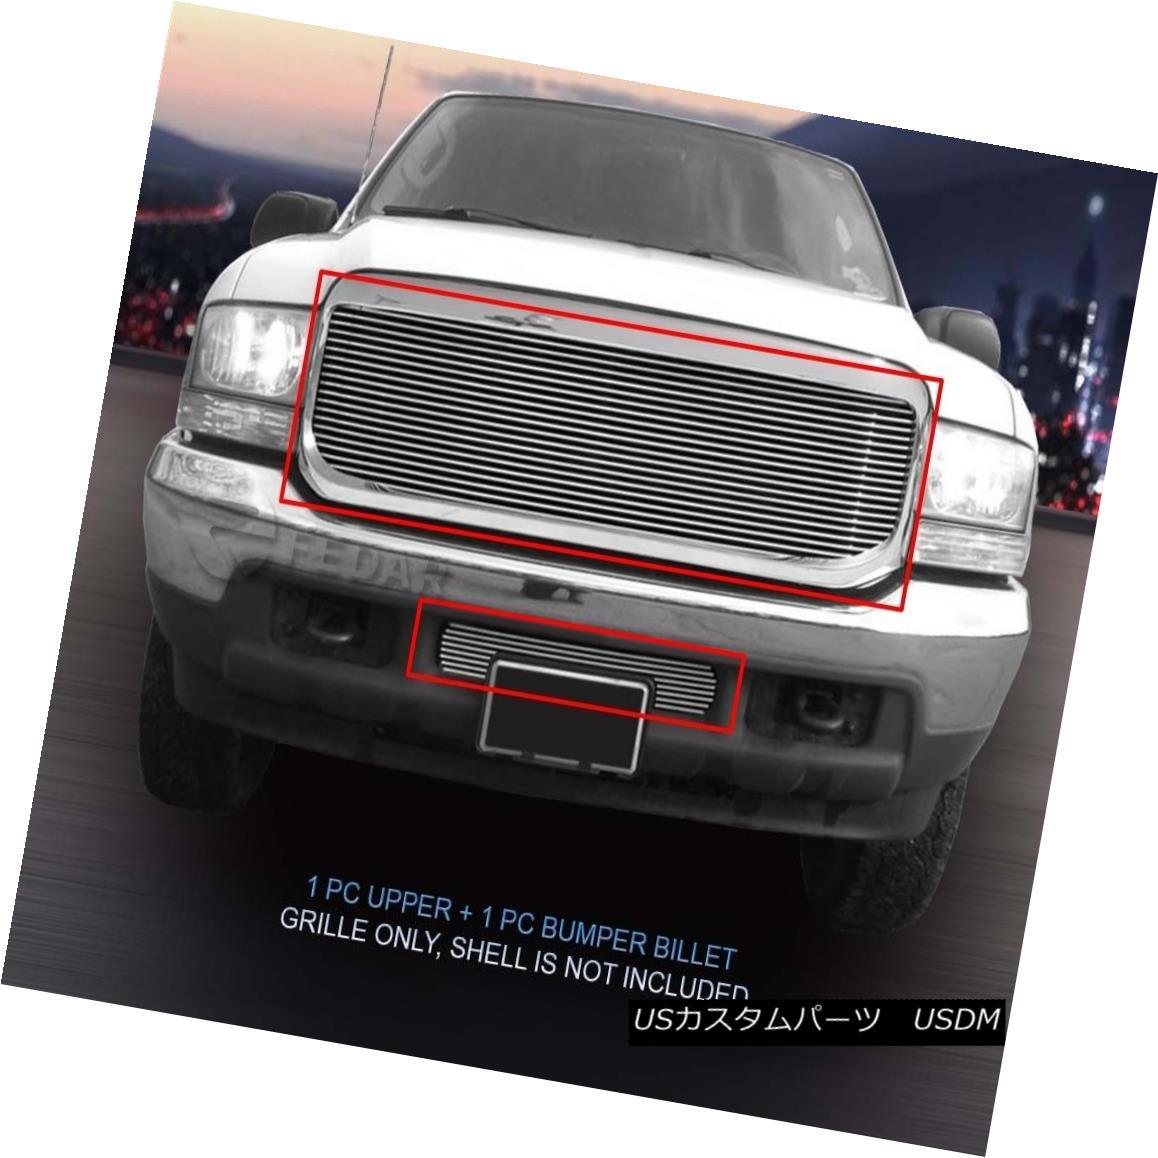 グリル Fits 99-04 Ford Excursion/F-250/F-350/F-450/F-550 Superduty Chrome Billet Grille F-550 F-550スーパーデューティクロム・ビレット・グリル(F-550 F-550 / F-350 / F-450 /